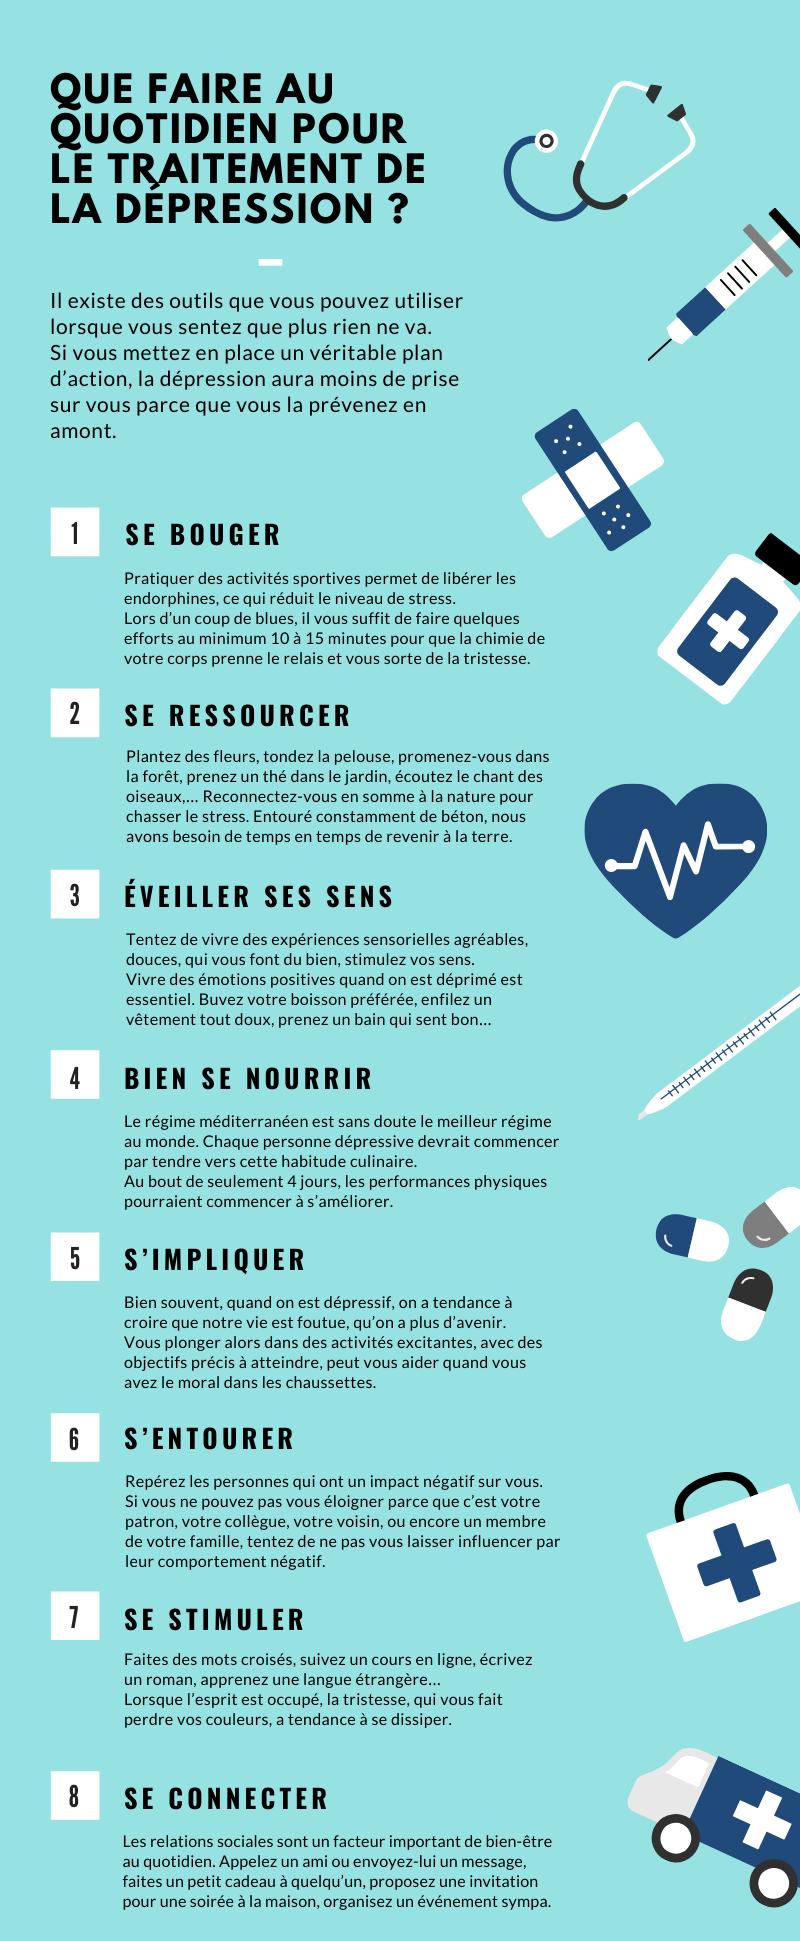 Infographie pour lutter contre la dépression au quotidien